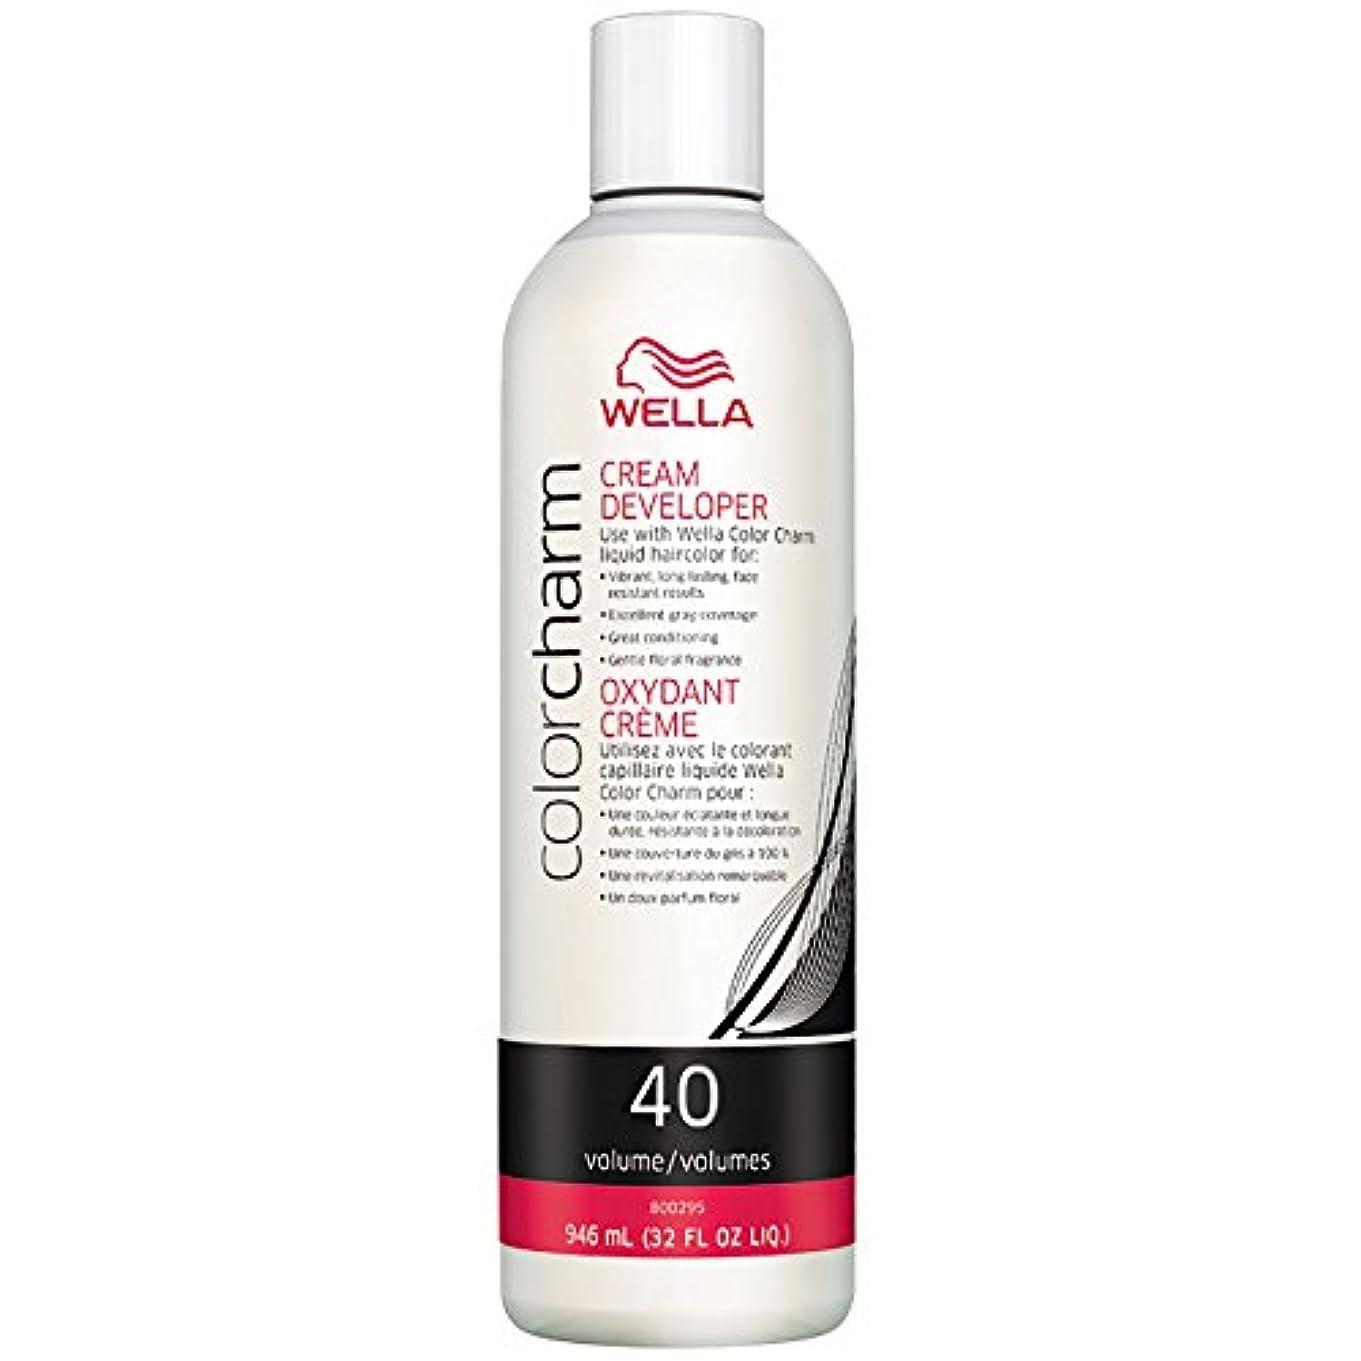 早くリーチかごWella CC Creme 40 Volume 945 ml Developer (並行輸入品)